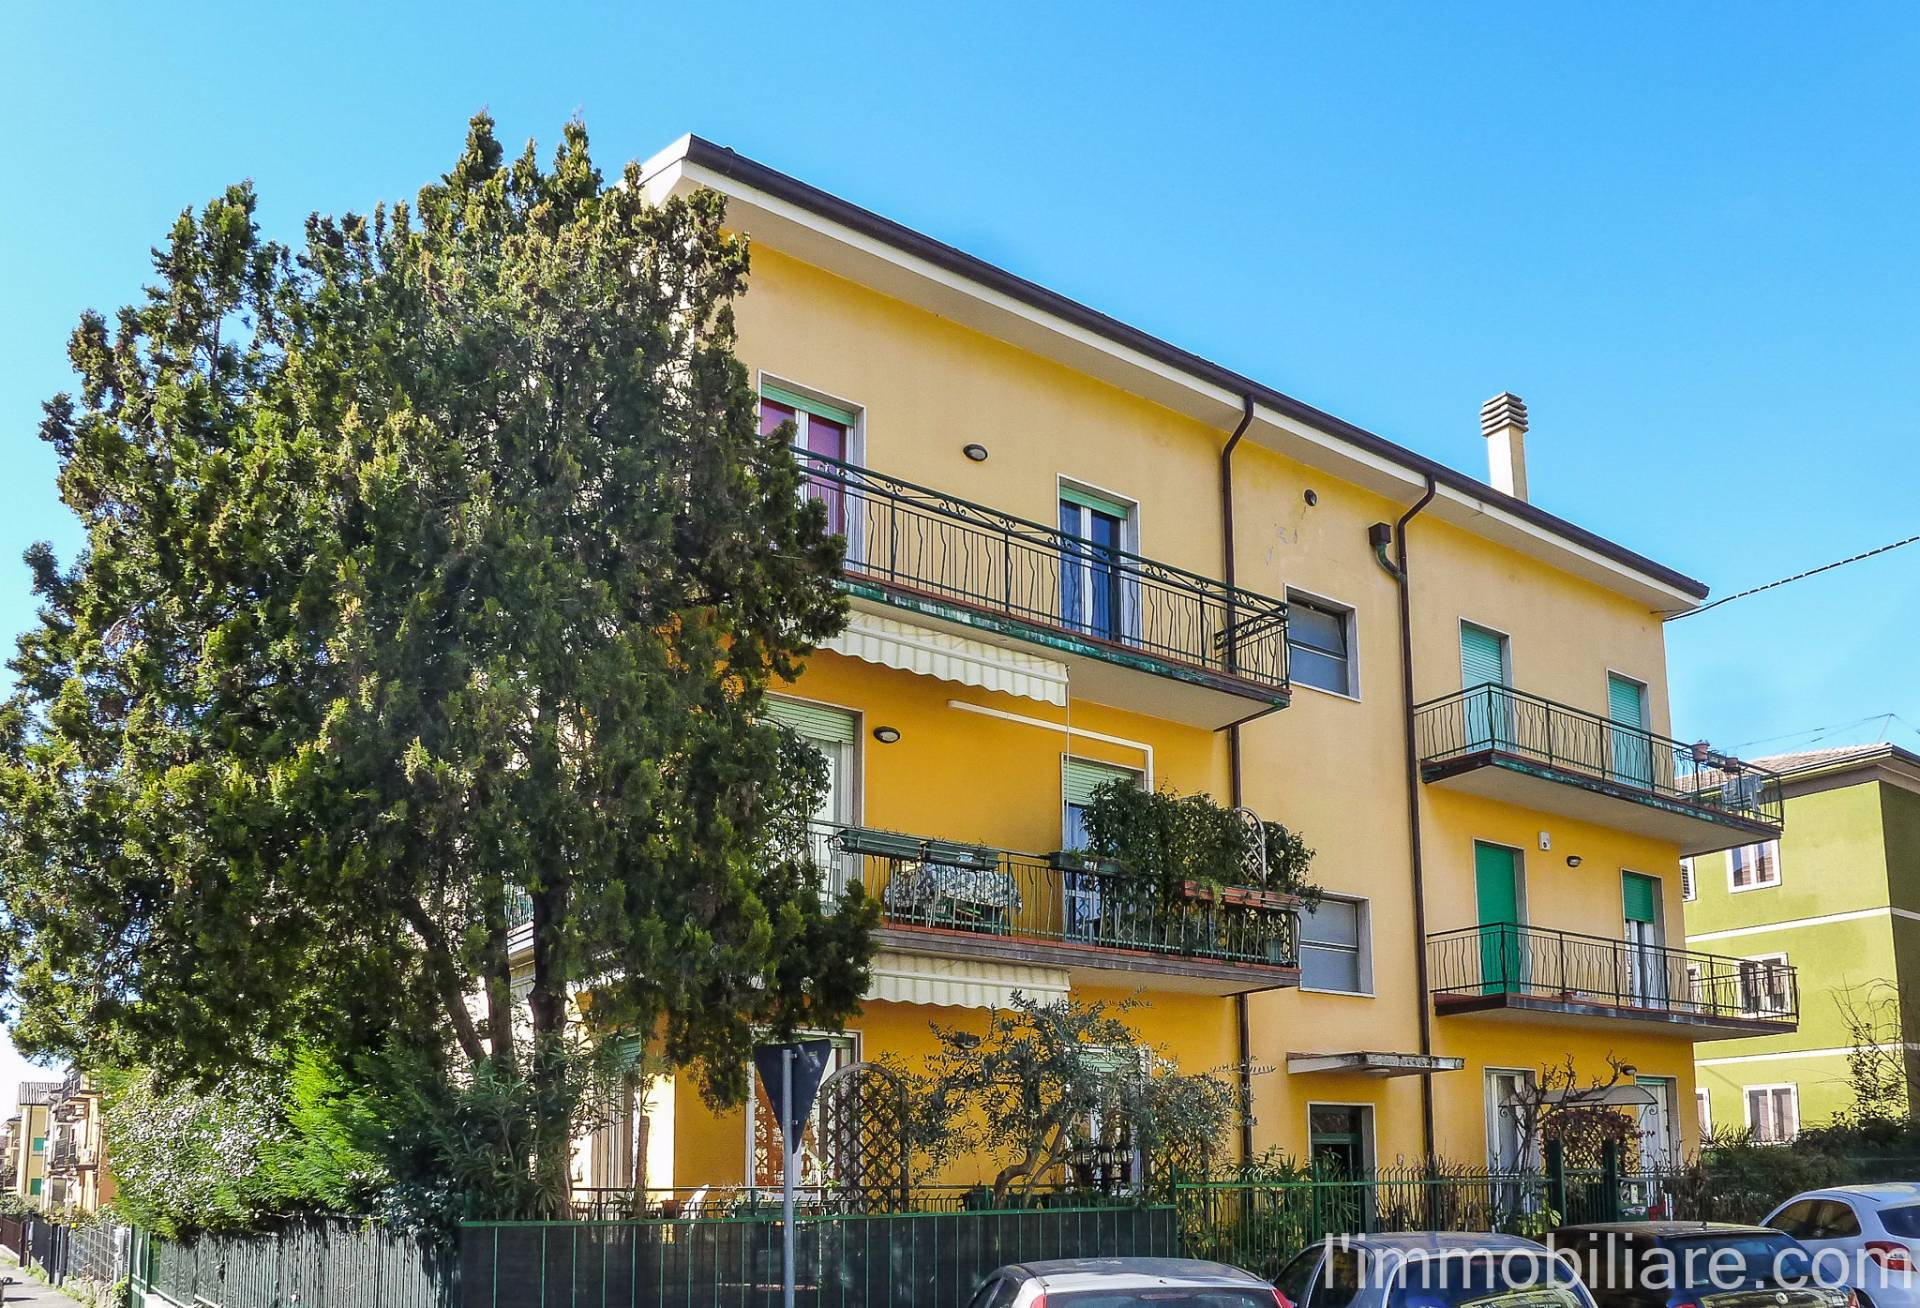 Appartamento in affitto a Verona, 4 locali, zona Zona: 5 . Quinzano - Pindemonte - Ponte Crencano - Valdonega - Avesa , prezzo € 650 | Cambio Casa.it